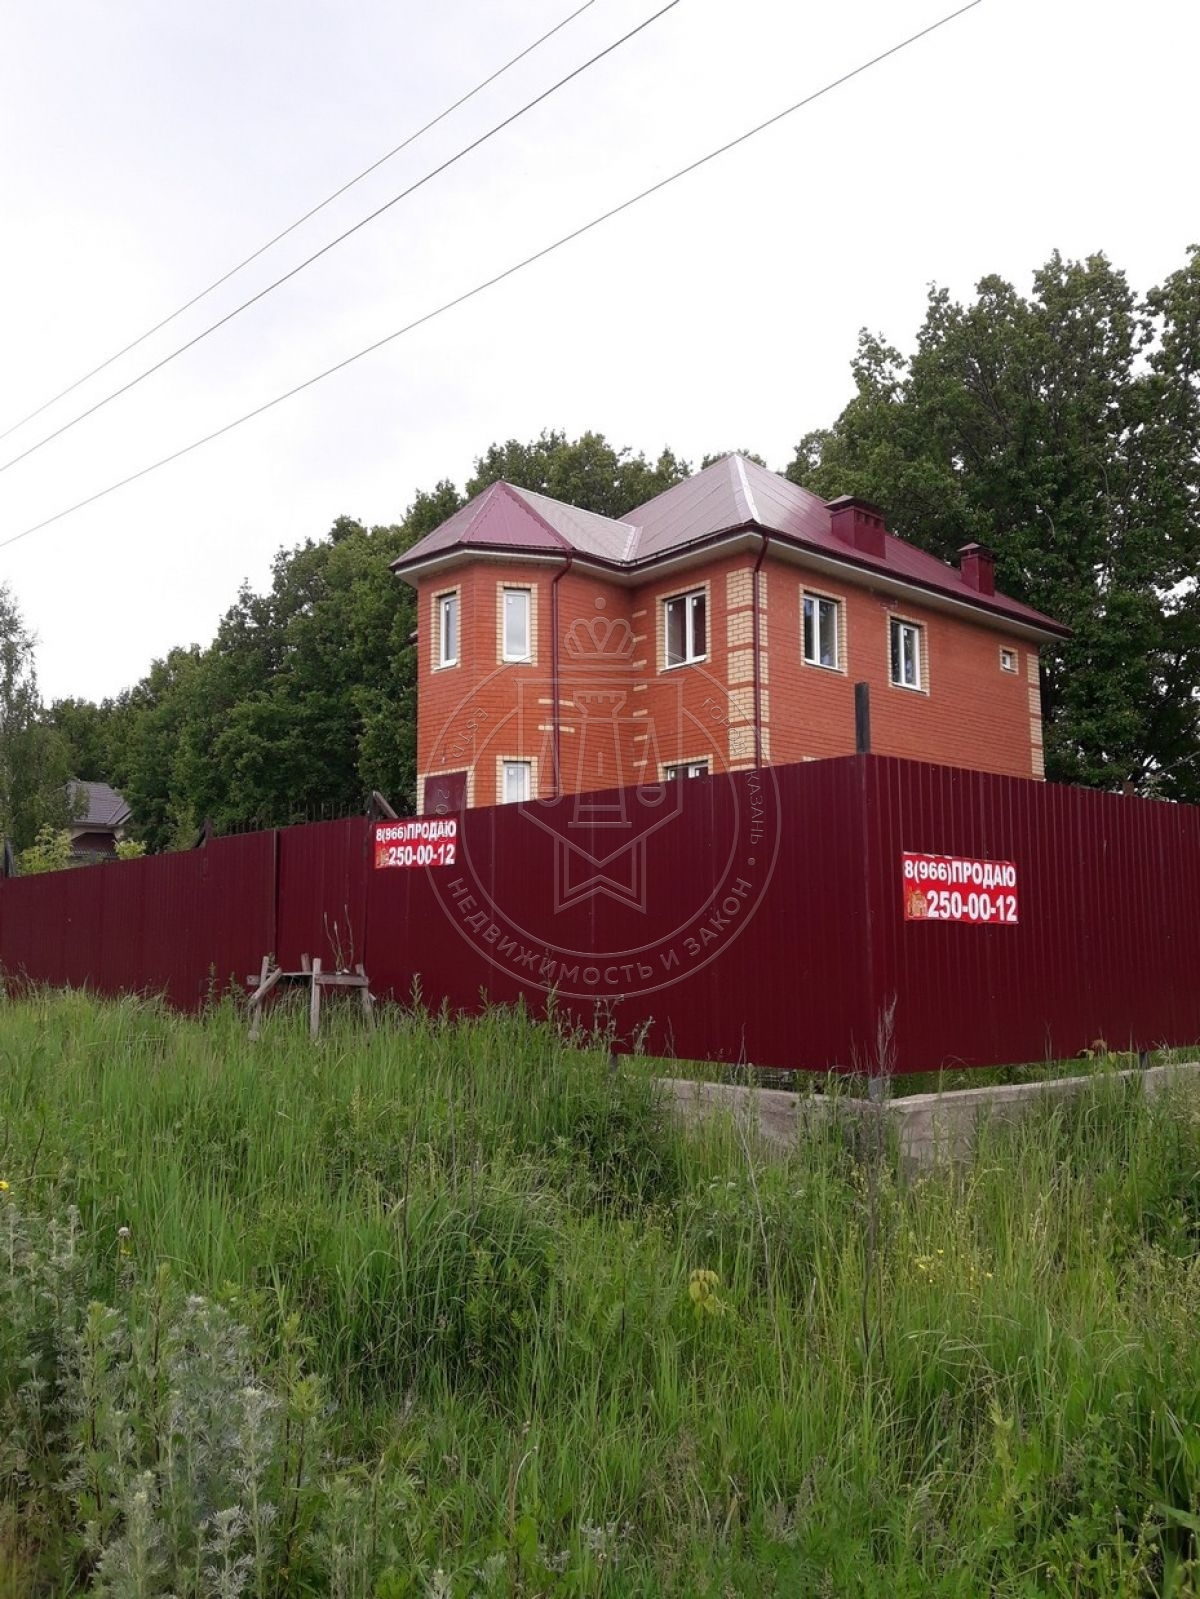 Продажа  дома п. Привольный, ул Усердная, 208 м² (миниатюра №3)